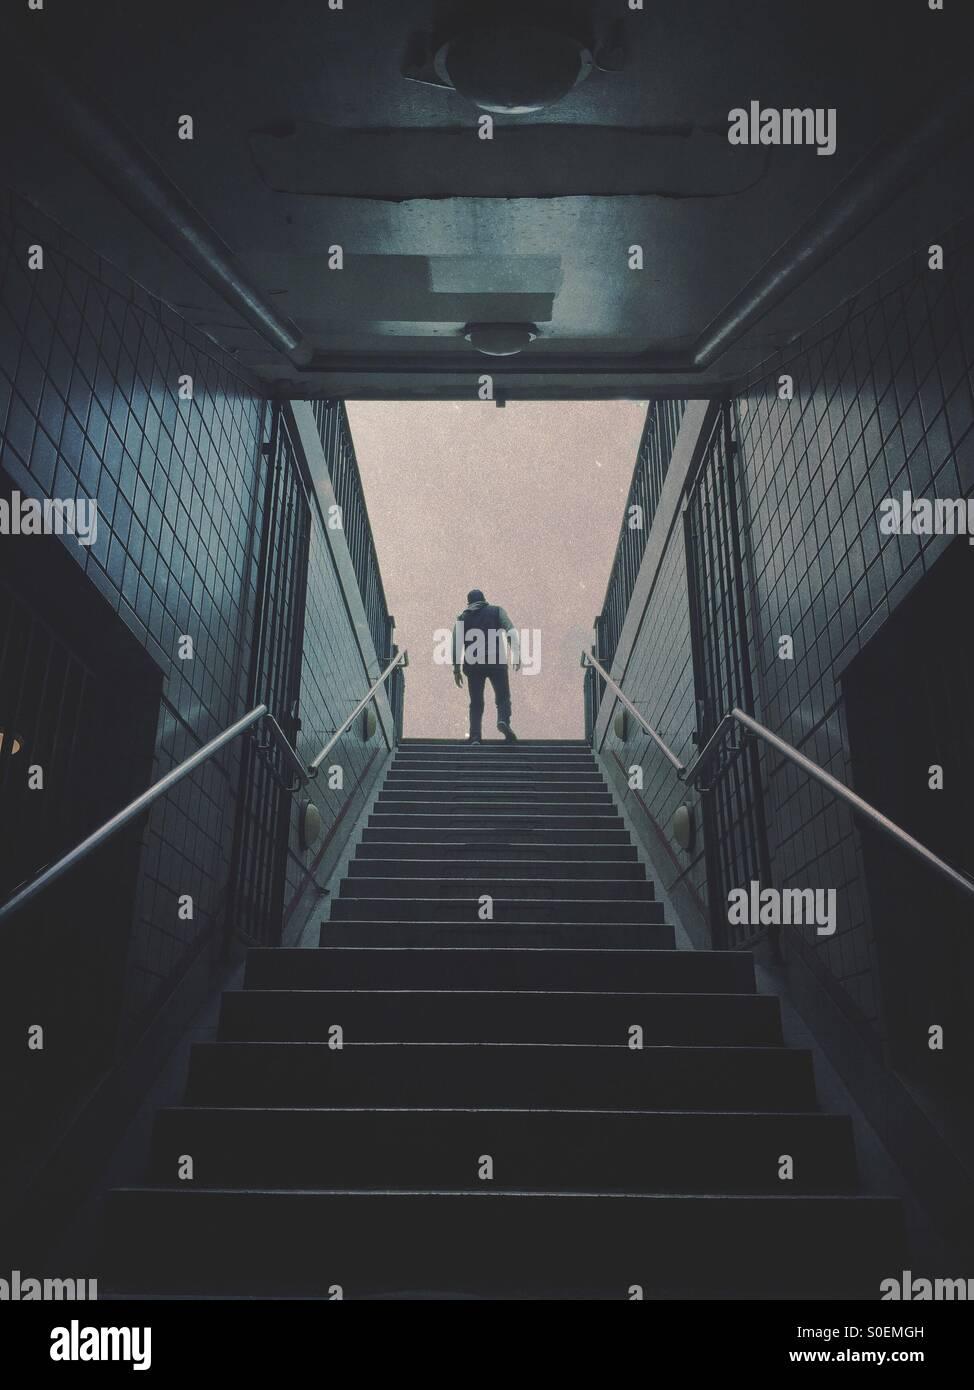 La figure mâle mystérieux laissant la station de métro Photo Stock